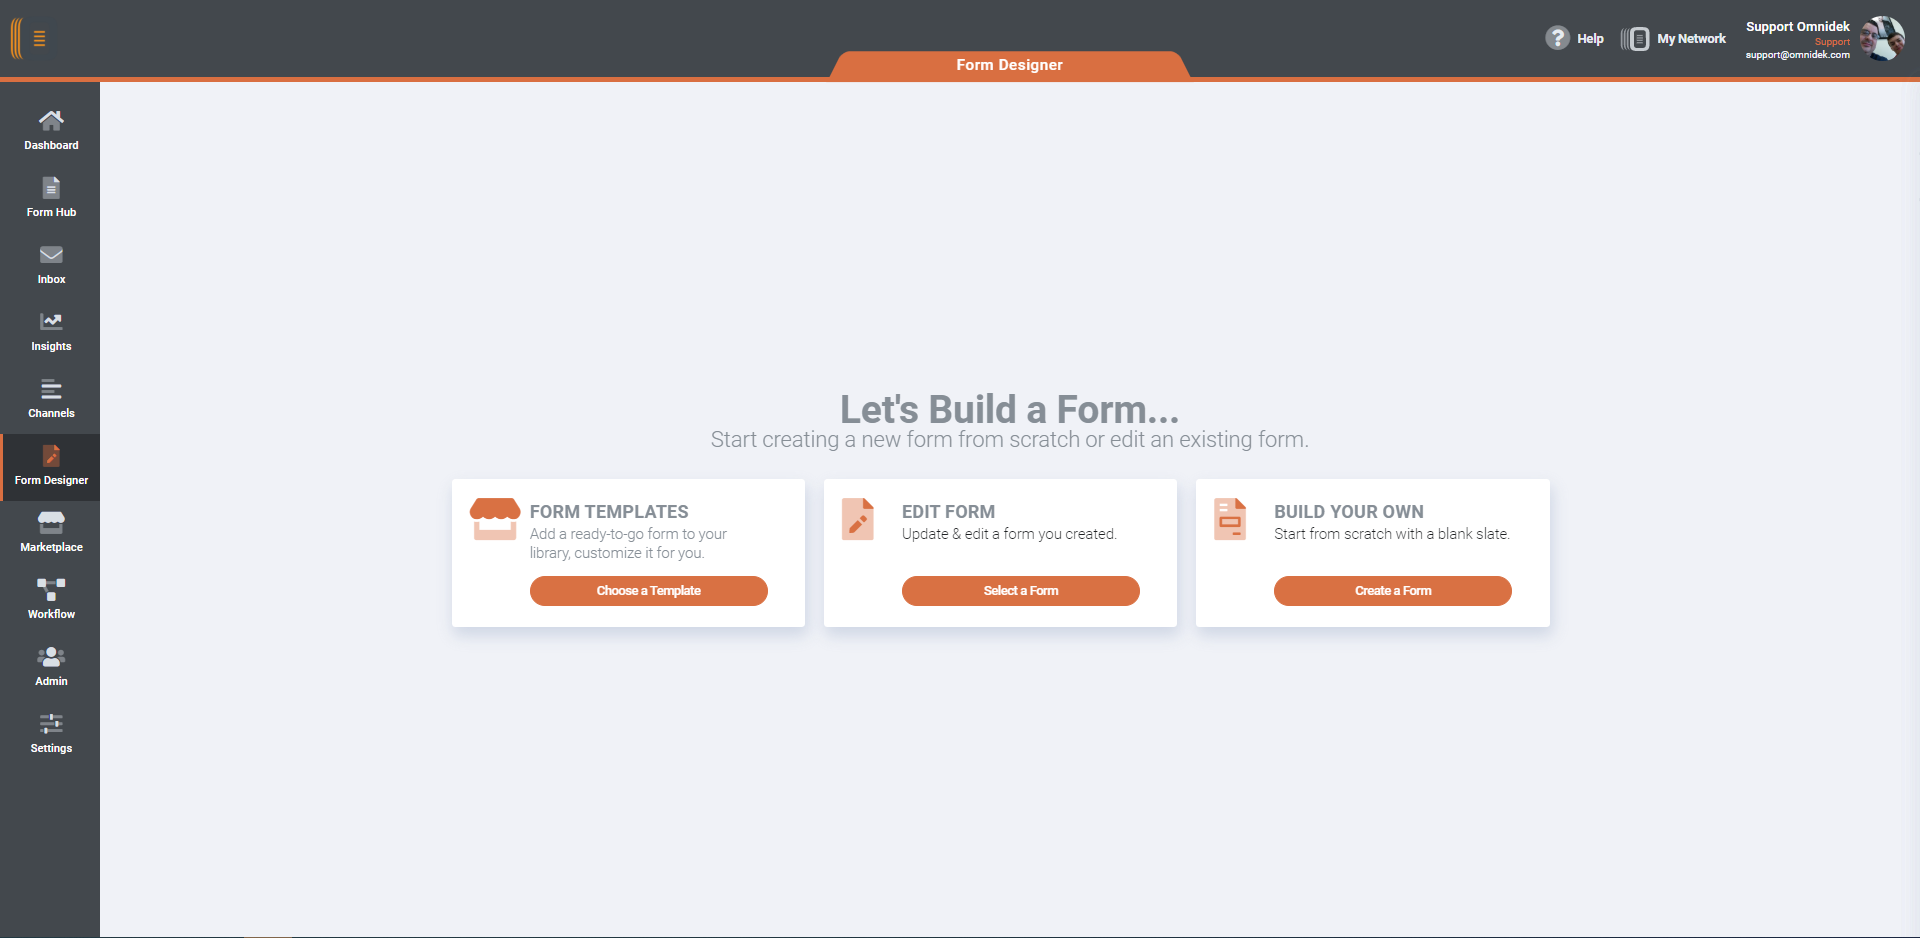 Form_Designer.PNG